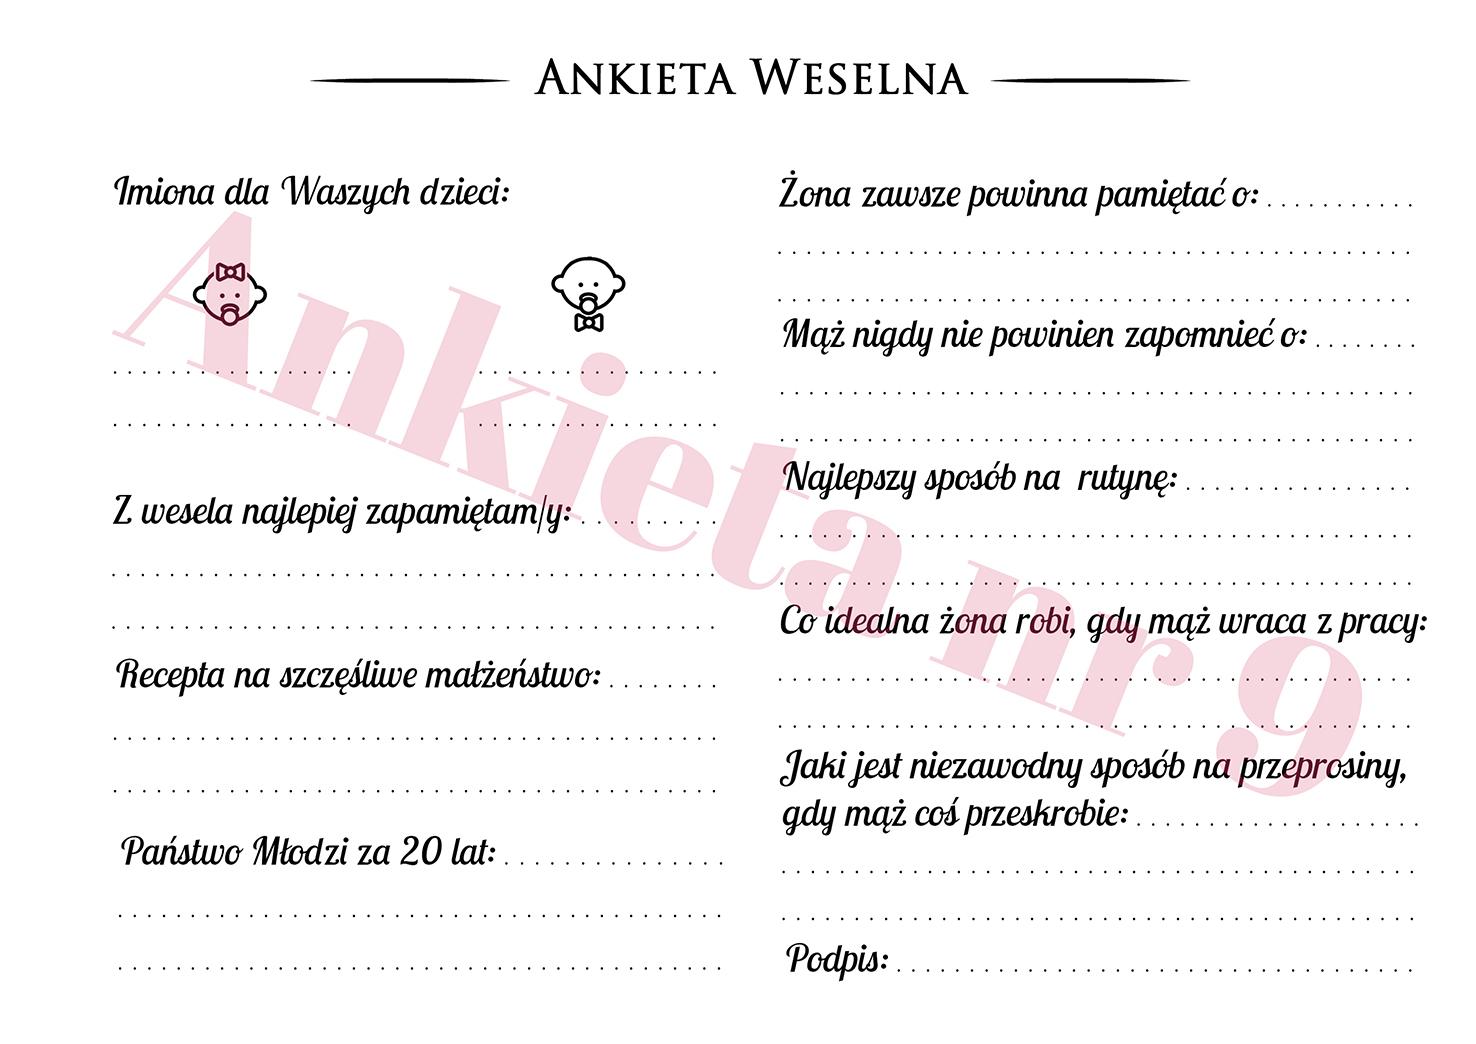 Ankieta weselna dla gości